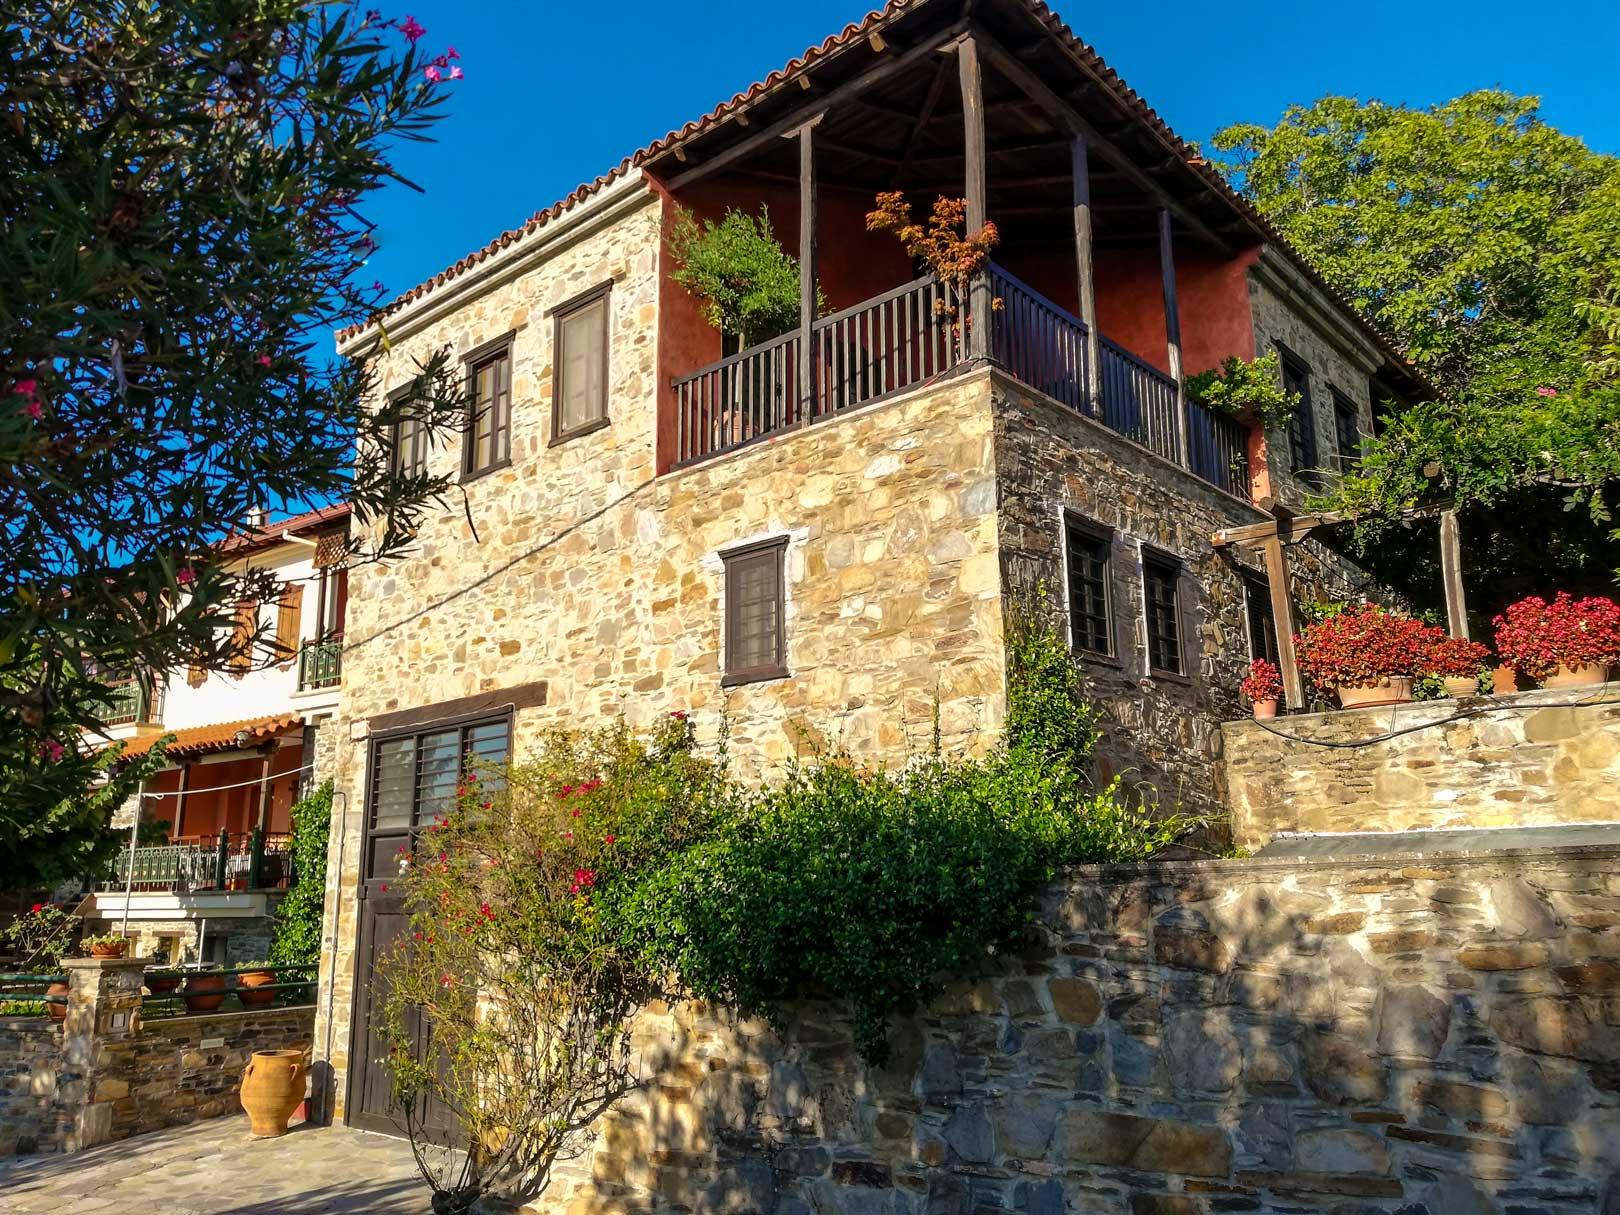 Μακεδονική οικία Παρθενώνας Χαλκιδική travelshare.gr